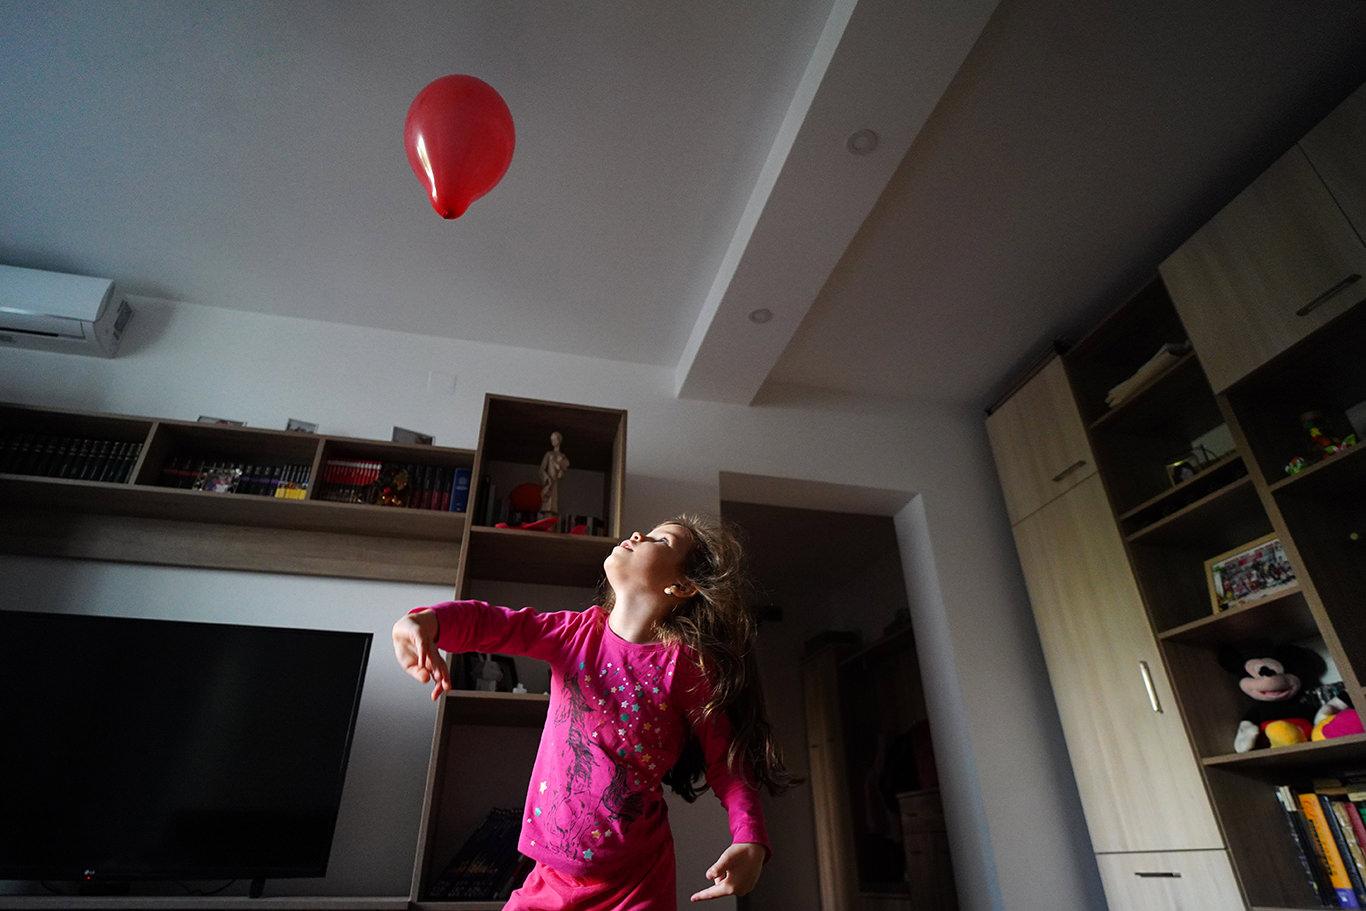 Zboara balon rosu - jurnal de familie